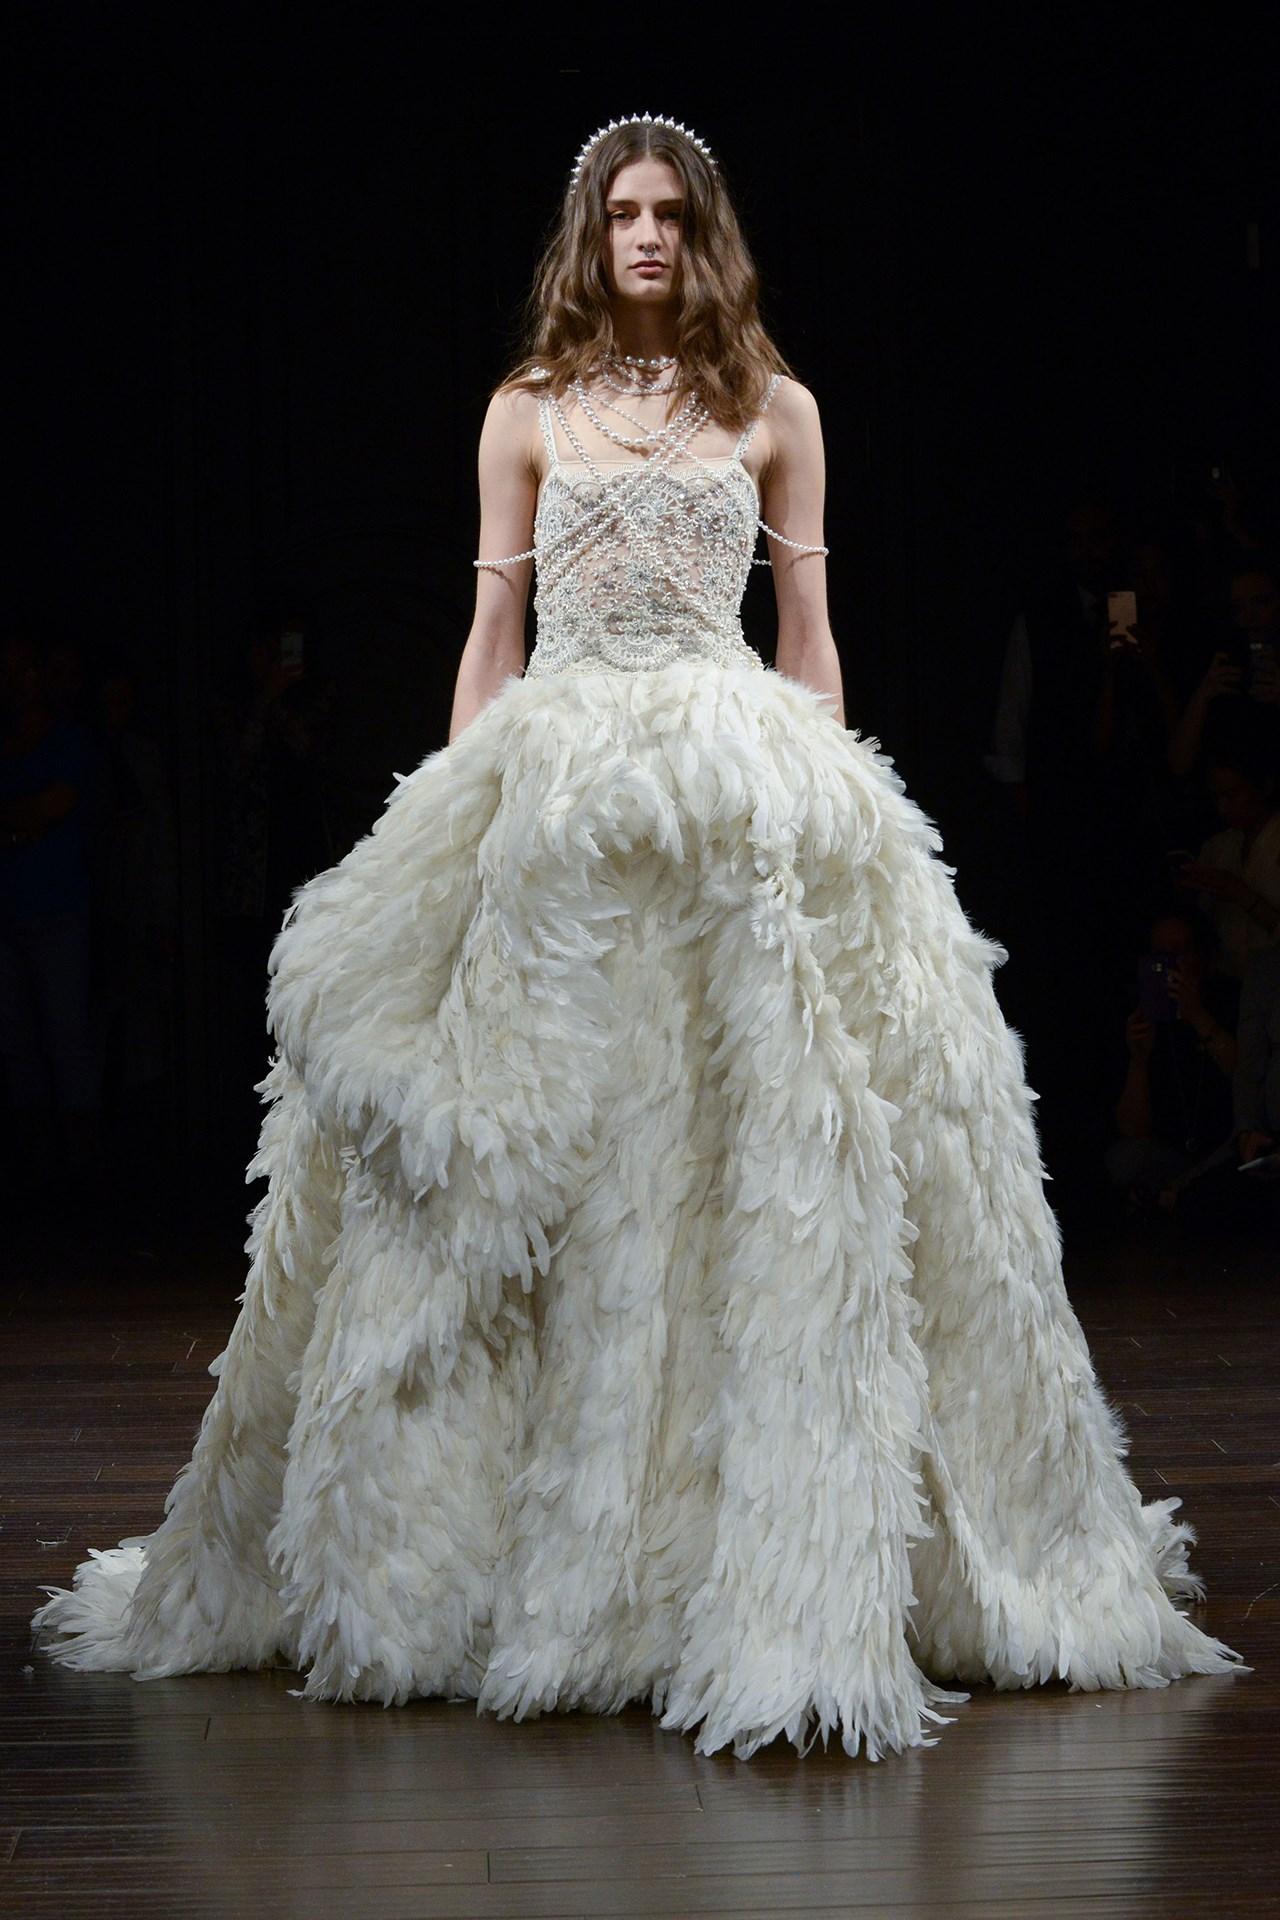 tendencia-vestido-noiva-2018-plumagem-02